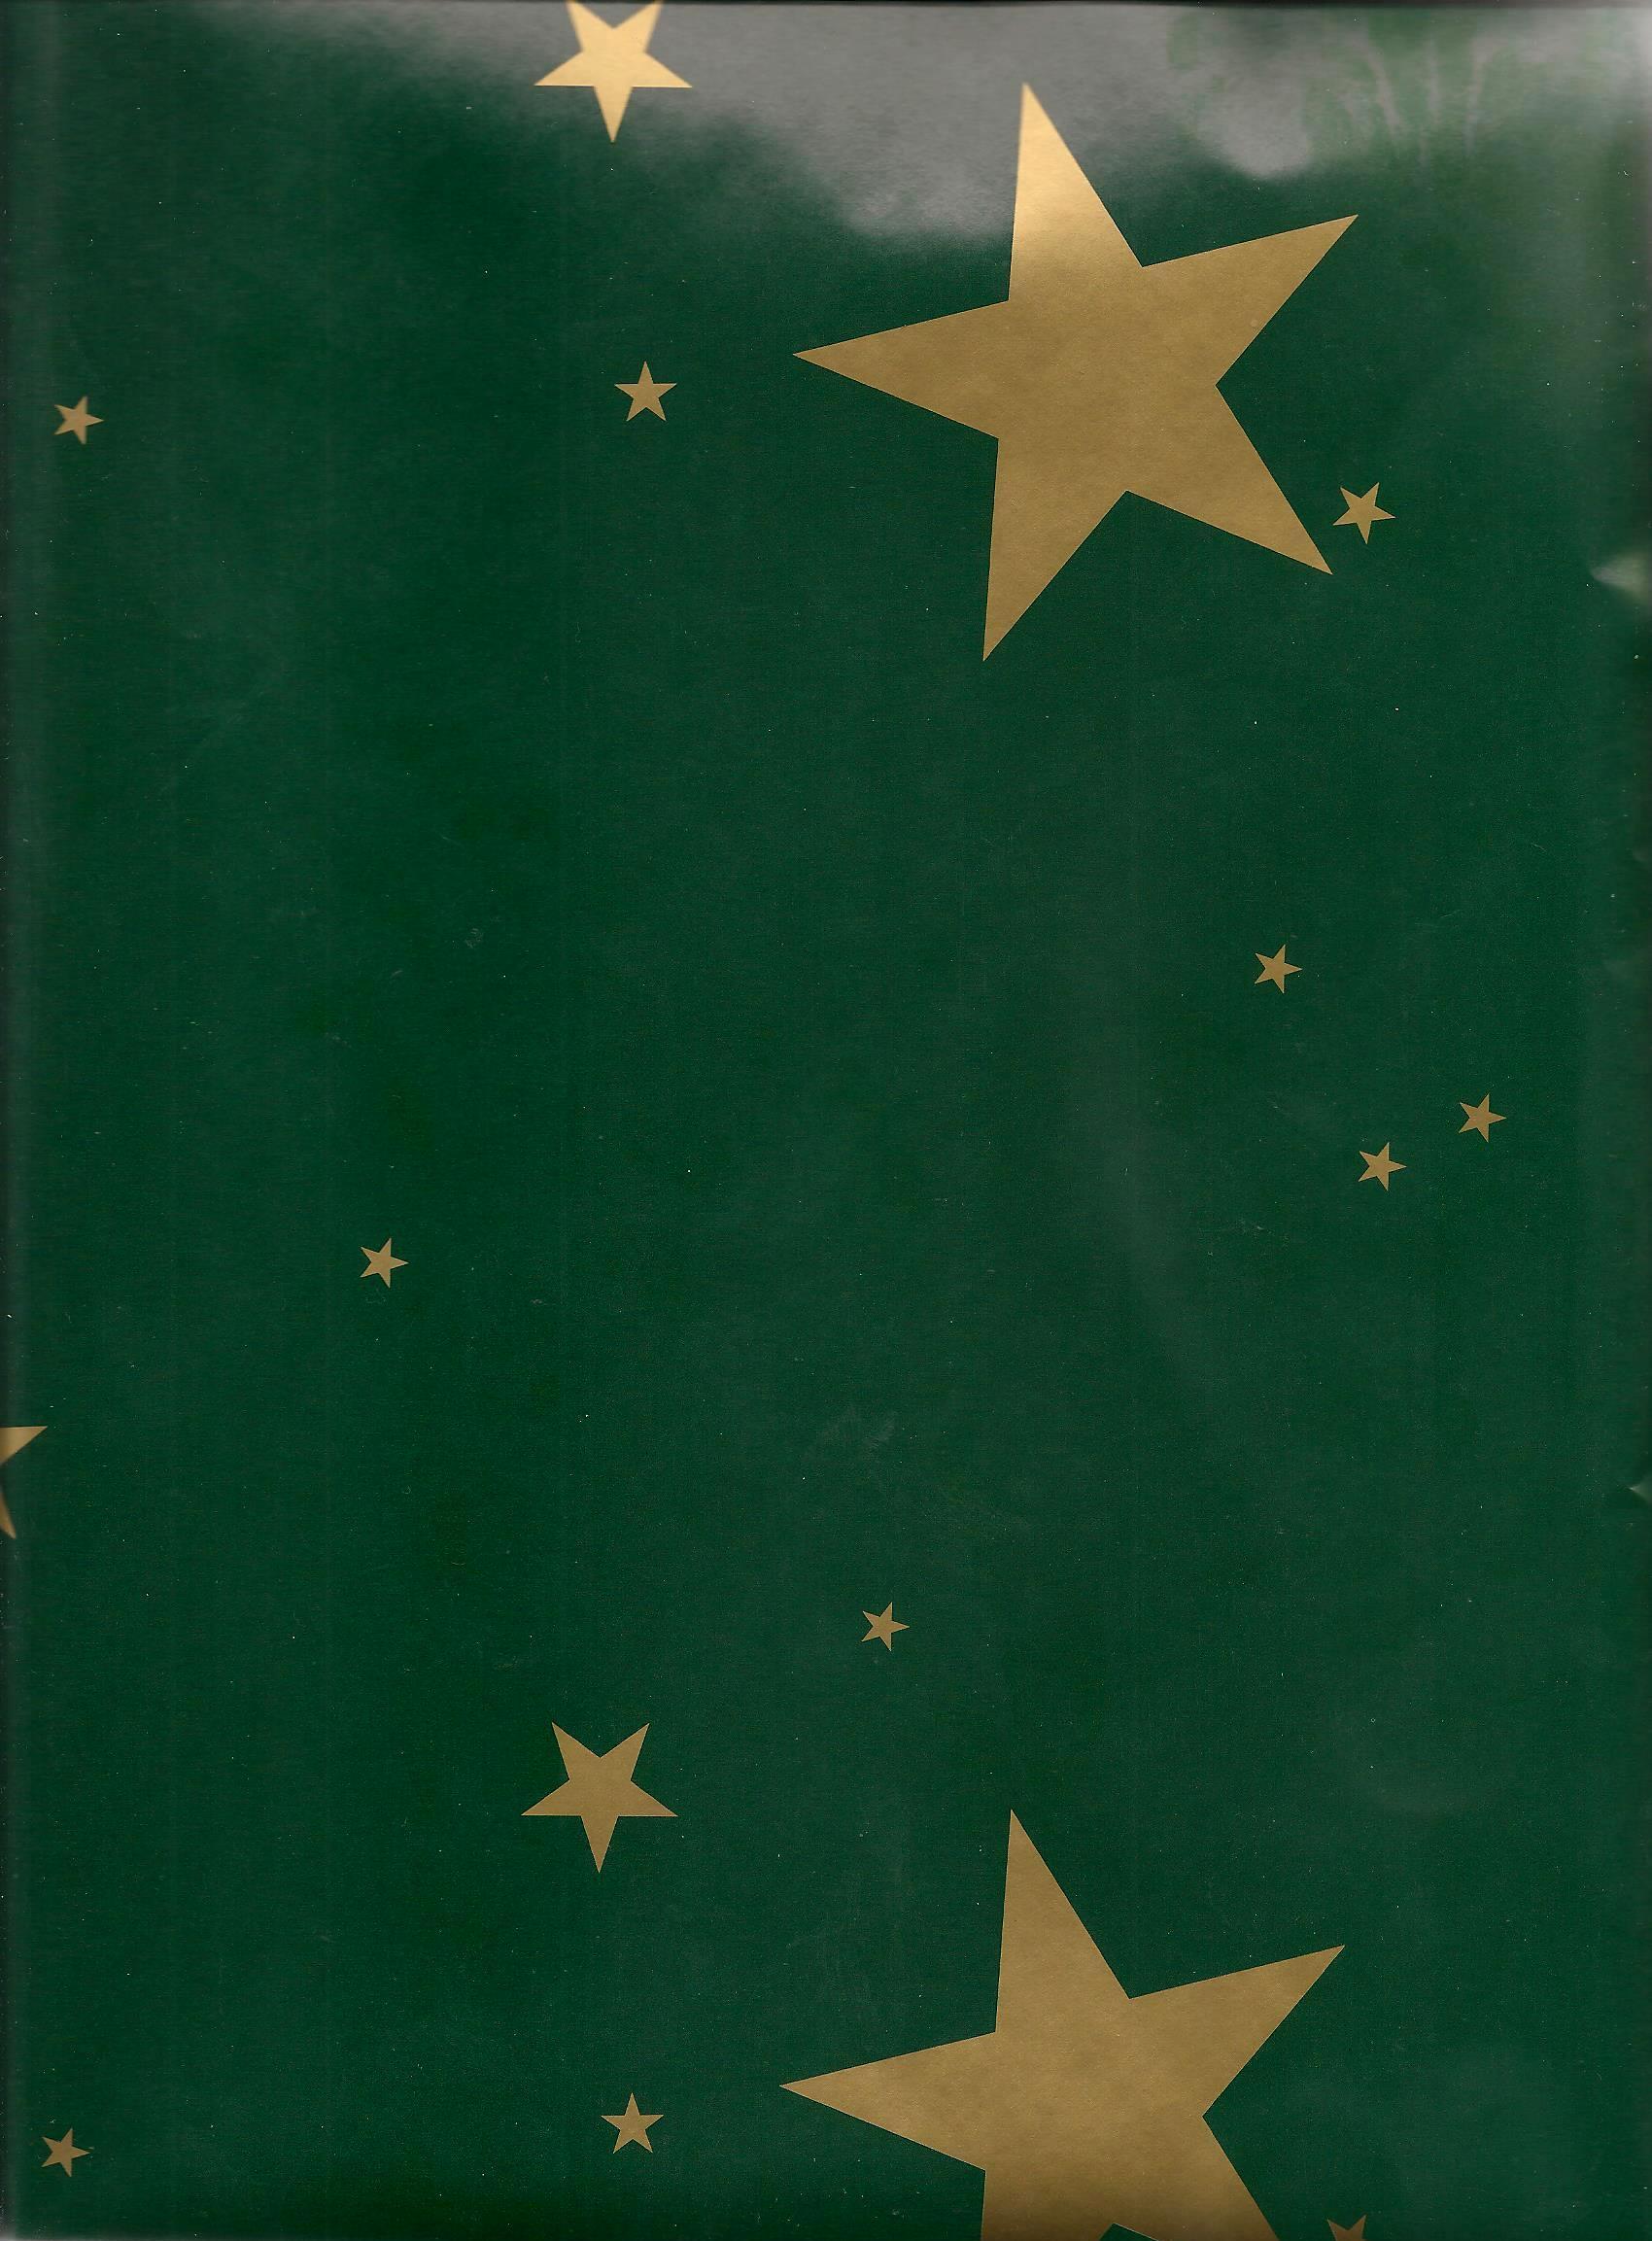 Vánoční balící papír Zlaté hvězdičky zelený 0,7 x 1 m 1 role